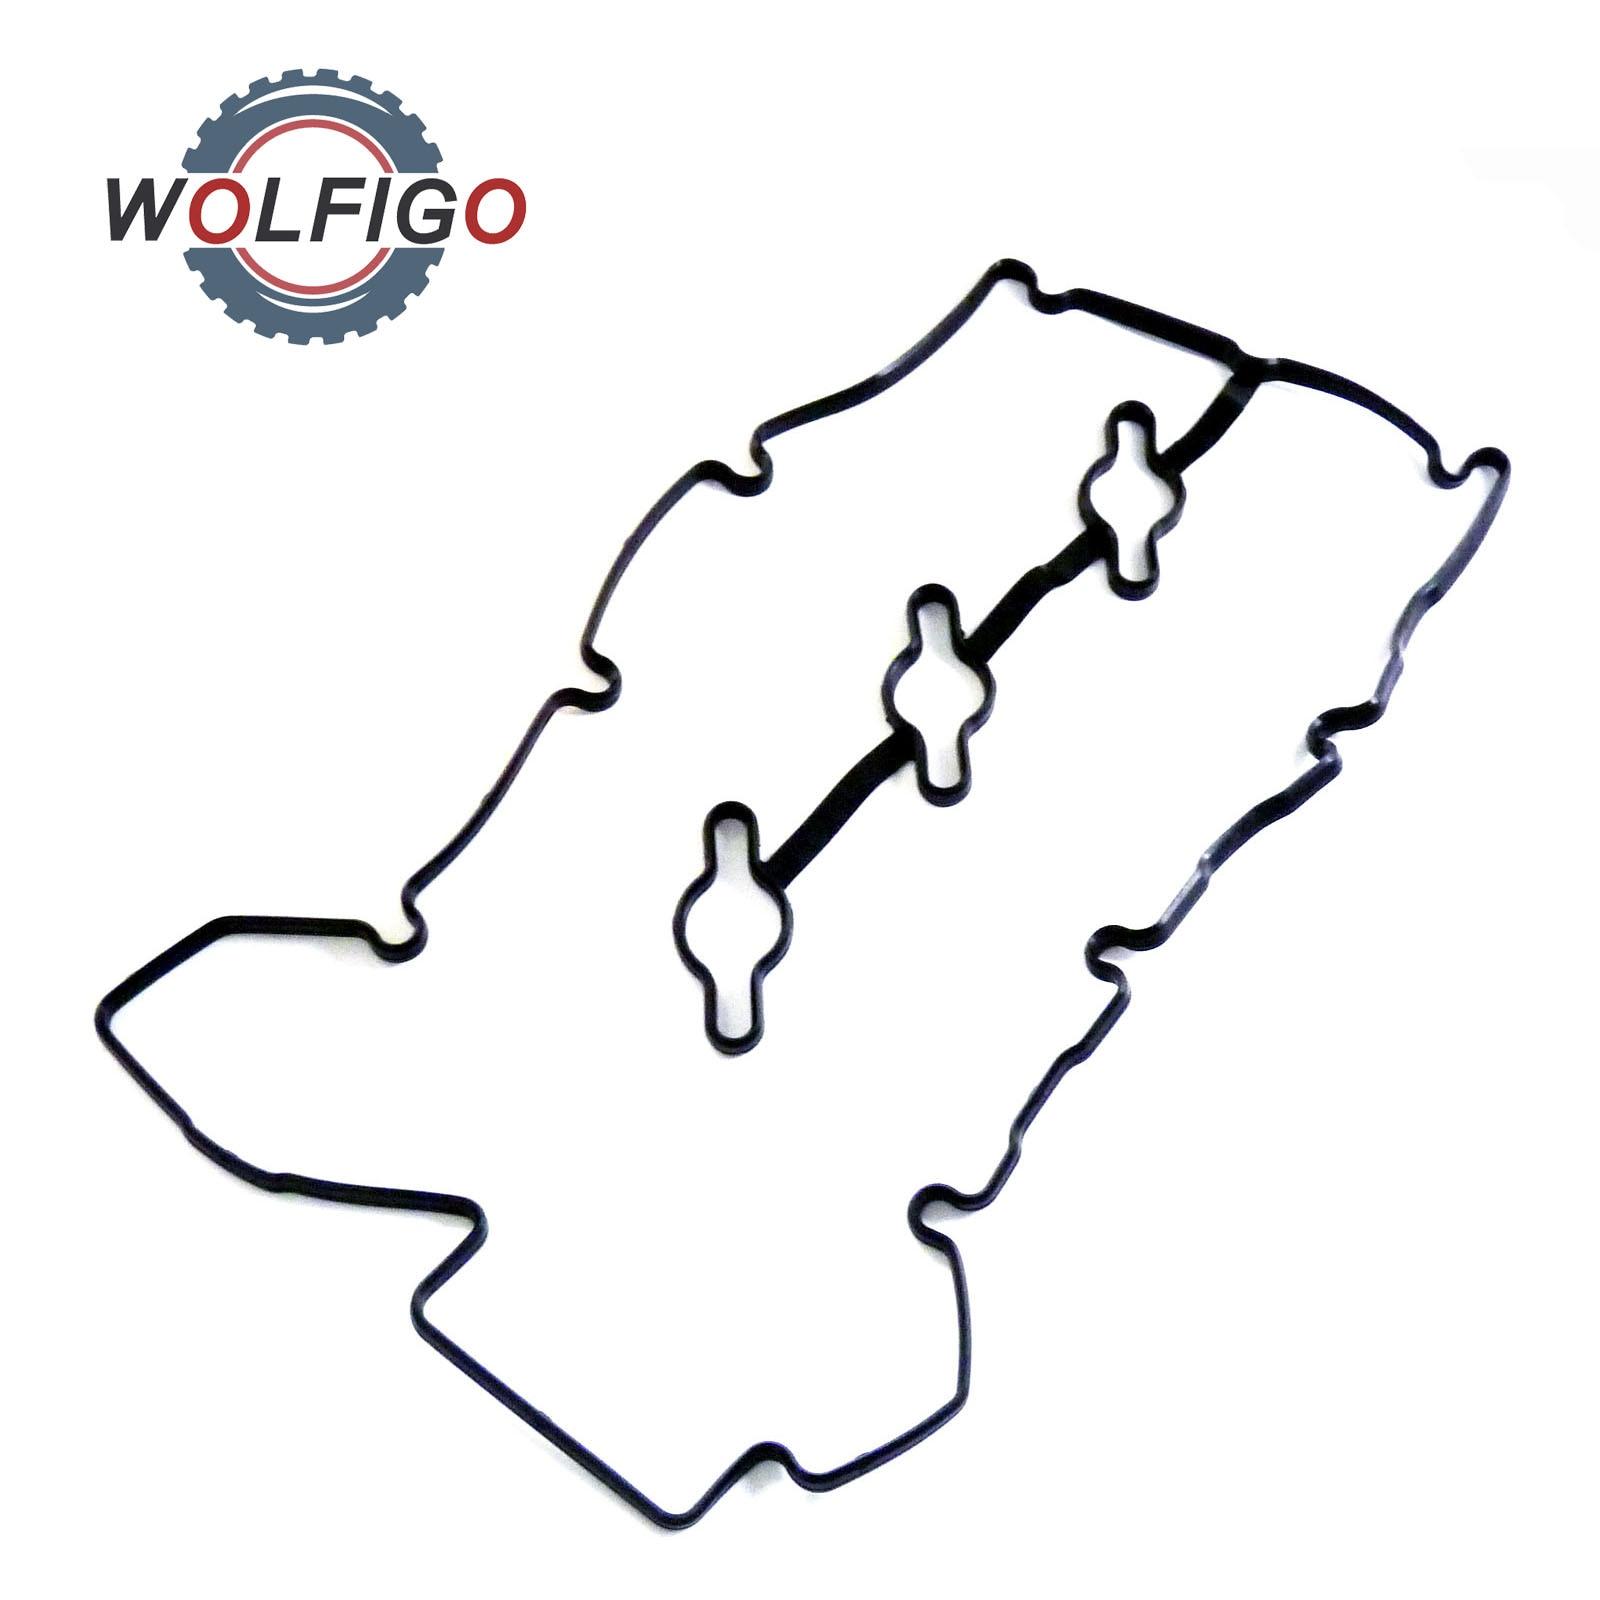 wolfigo right engine valve cover gasket 22441 3c110 vs50750r for hyundai azera kia sorento new [ 1600 x 1600 Pixel ]